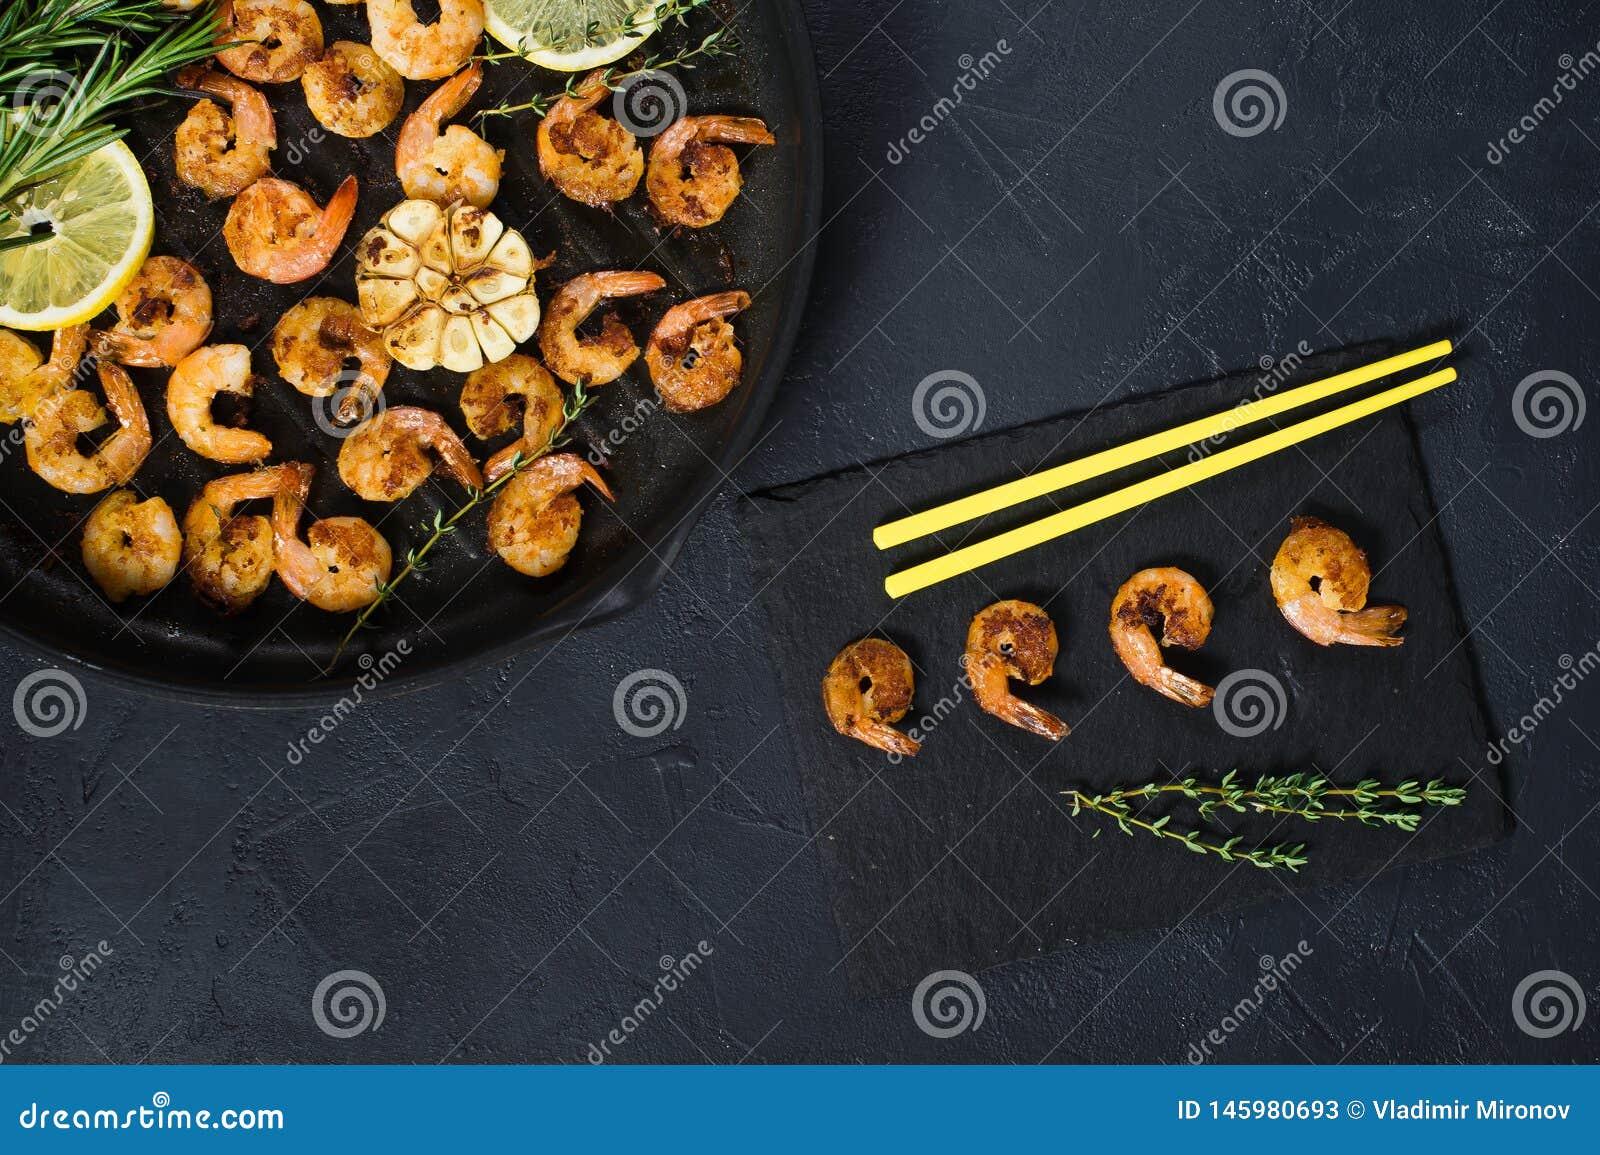 Gamberetti fritti di re in una padella su un fondo nero con i bastoncini gialli